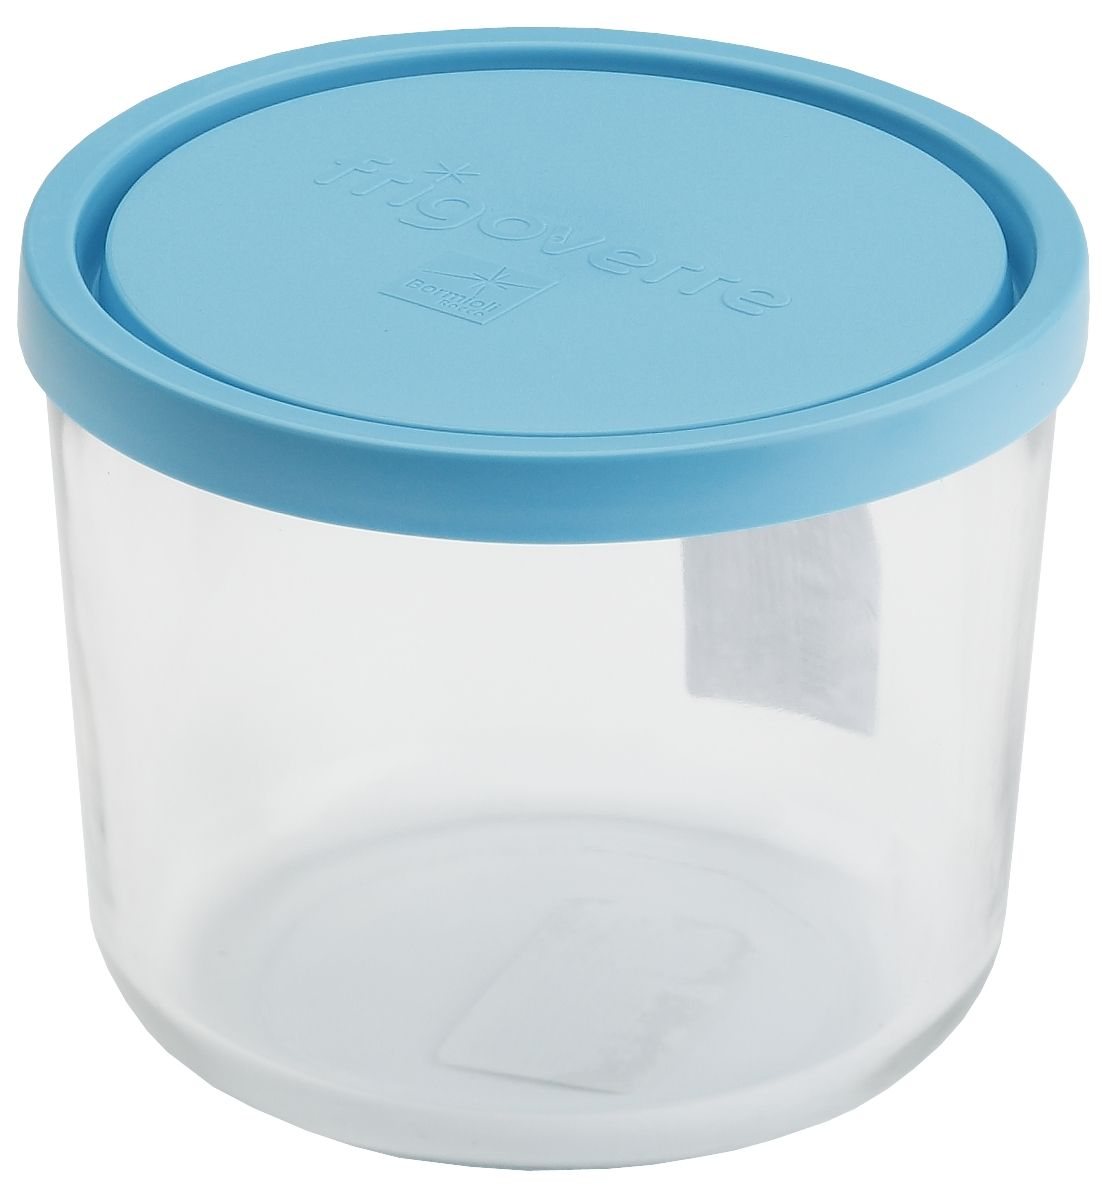 Контейнер Bormioli Rocco Frigoverre, круглый, цвет крышки: синий, 700 млVT-1520(SR)Стеклянный герметичный контейнер Bormioli Rocco Frigoverre для хранения пищи с синей крышкой. Из холодильника сразу в микроволновую печь! Выдерживают температурный удар от - 20С до +70С. Безопасны для хранения готовых продуктов. Не содержат Бисфенол А. BPA Free. Закаленное стекло. В 5 раз повышена ударостойкость. Устойчивы к царапинам и сколам. Удобство использования. Изделия легко моются. Можно использовать в посудомоечной машине. Настоящее итальянское качество!